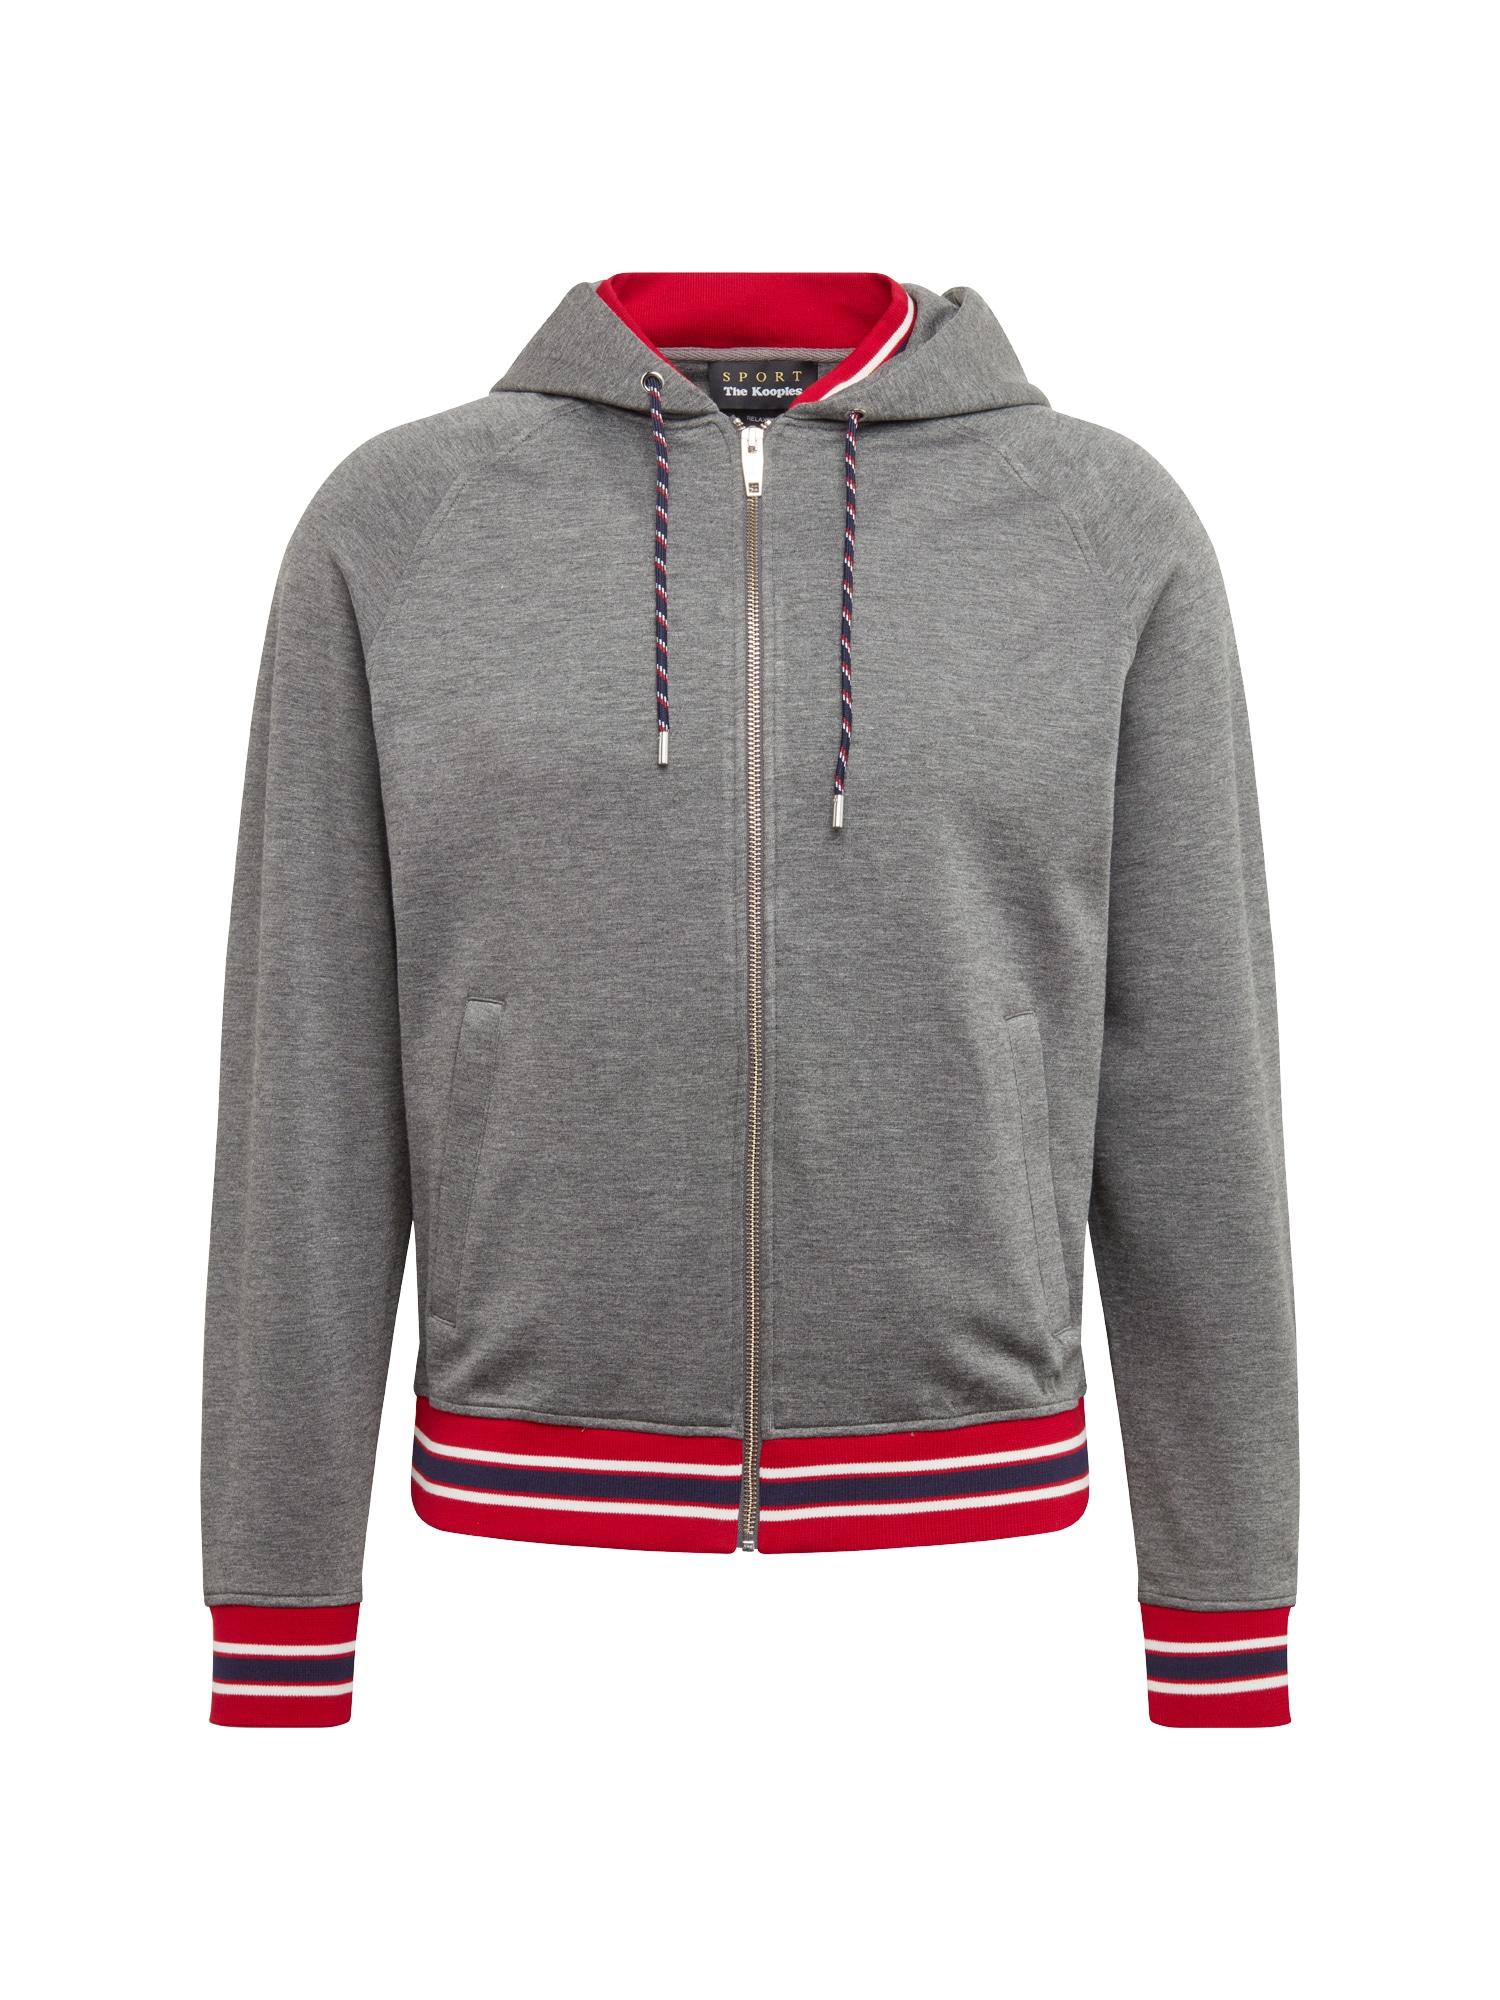 Mikina s kapucí šedá červená The Kooples